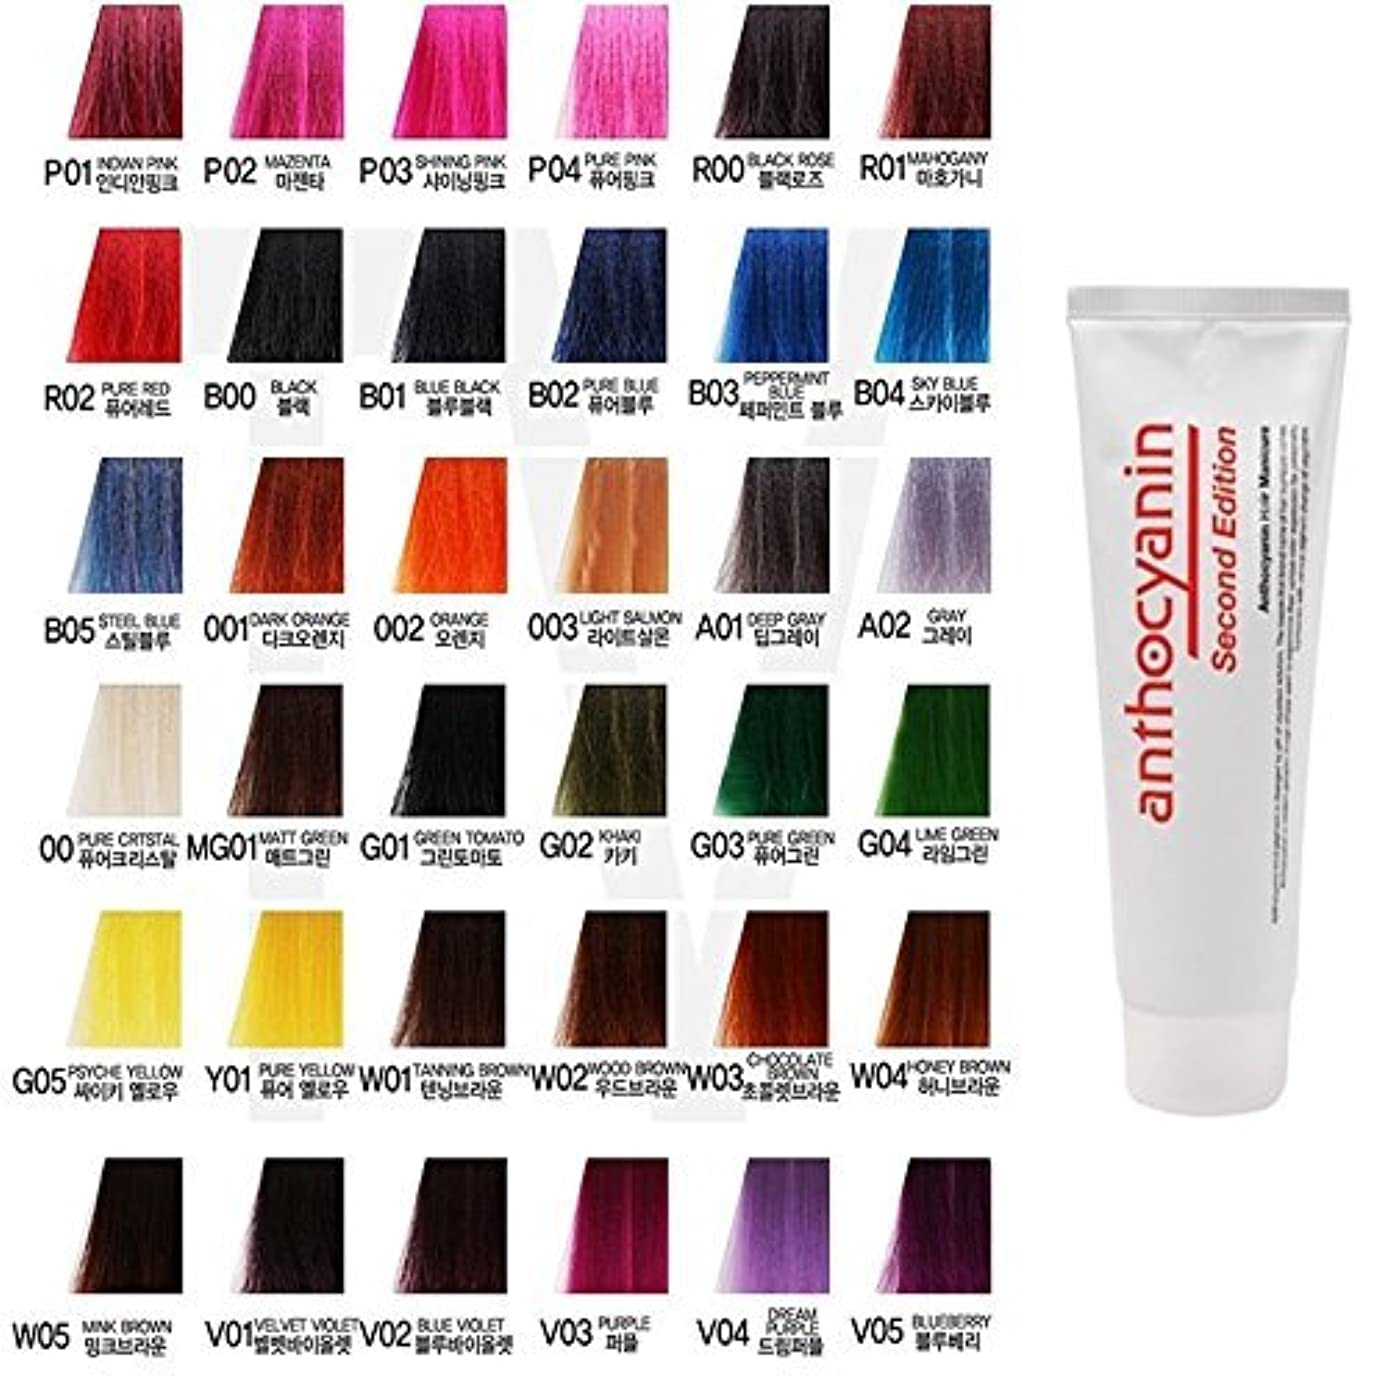 作動する免疫するインフルエンザヘア マニキュア カラー セカンド エディション 230g セミ パーマネント 染毛剤 ( Hair Manicure Color Second Edition 230g Semi Permanent Hair Dye) [並行輸入品] (O02 Orange)